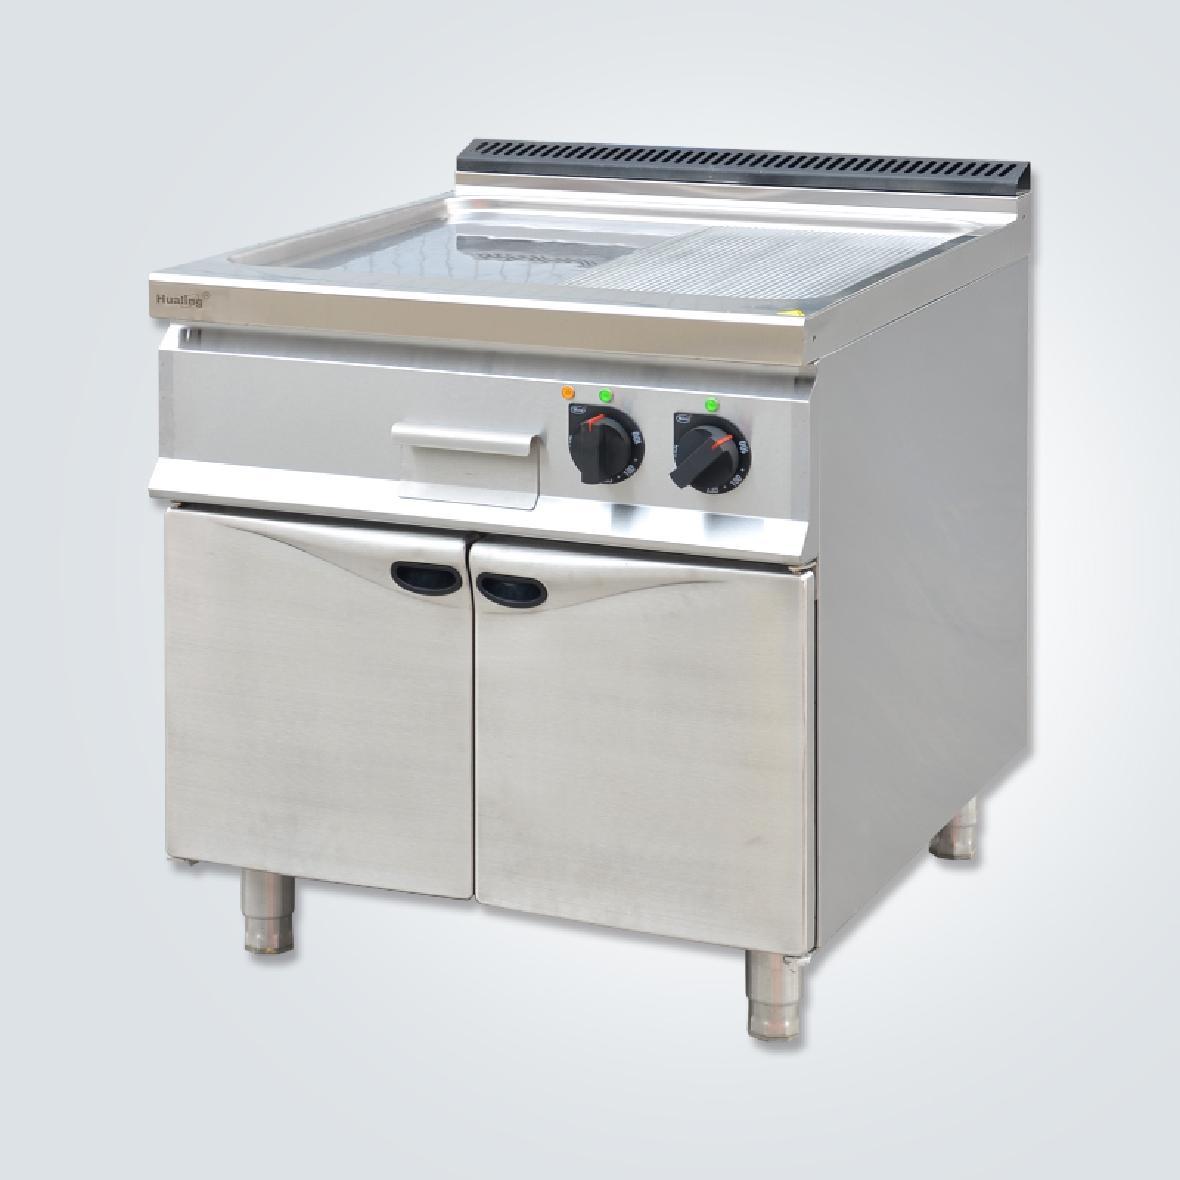 電熱扒爐連下櫃 SF-HG9080-E